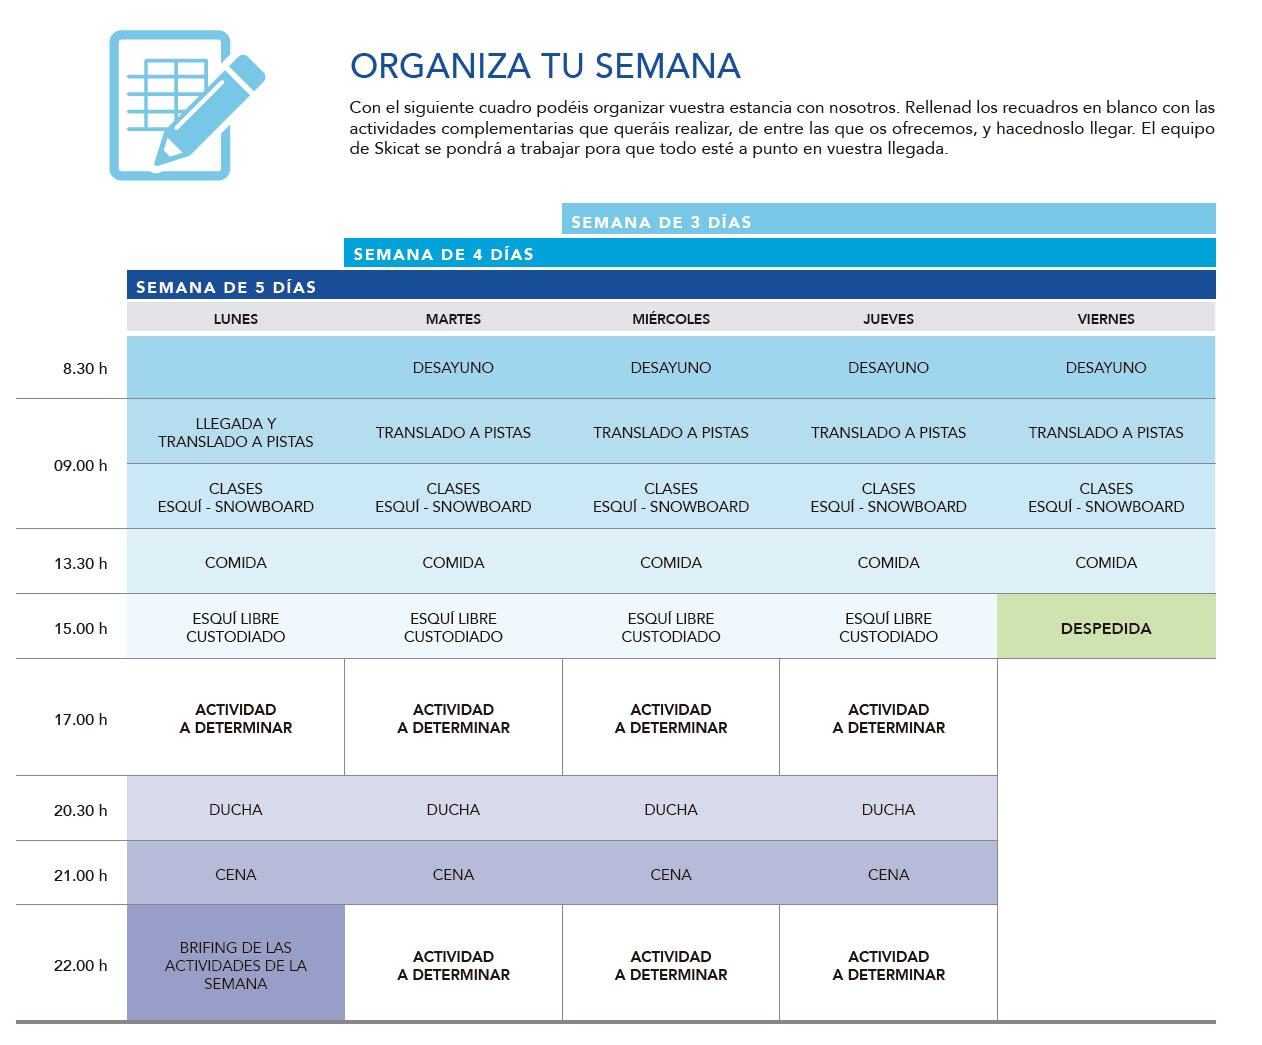 organizatusemana